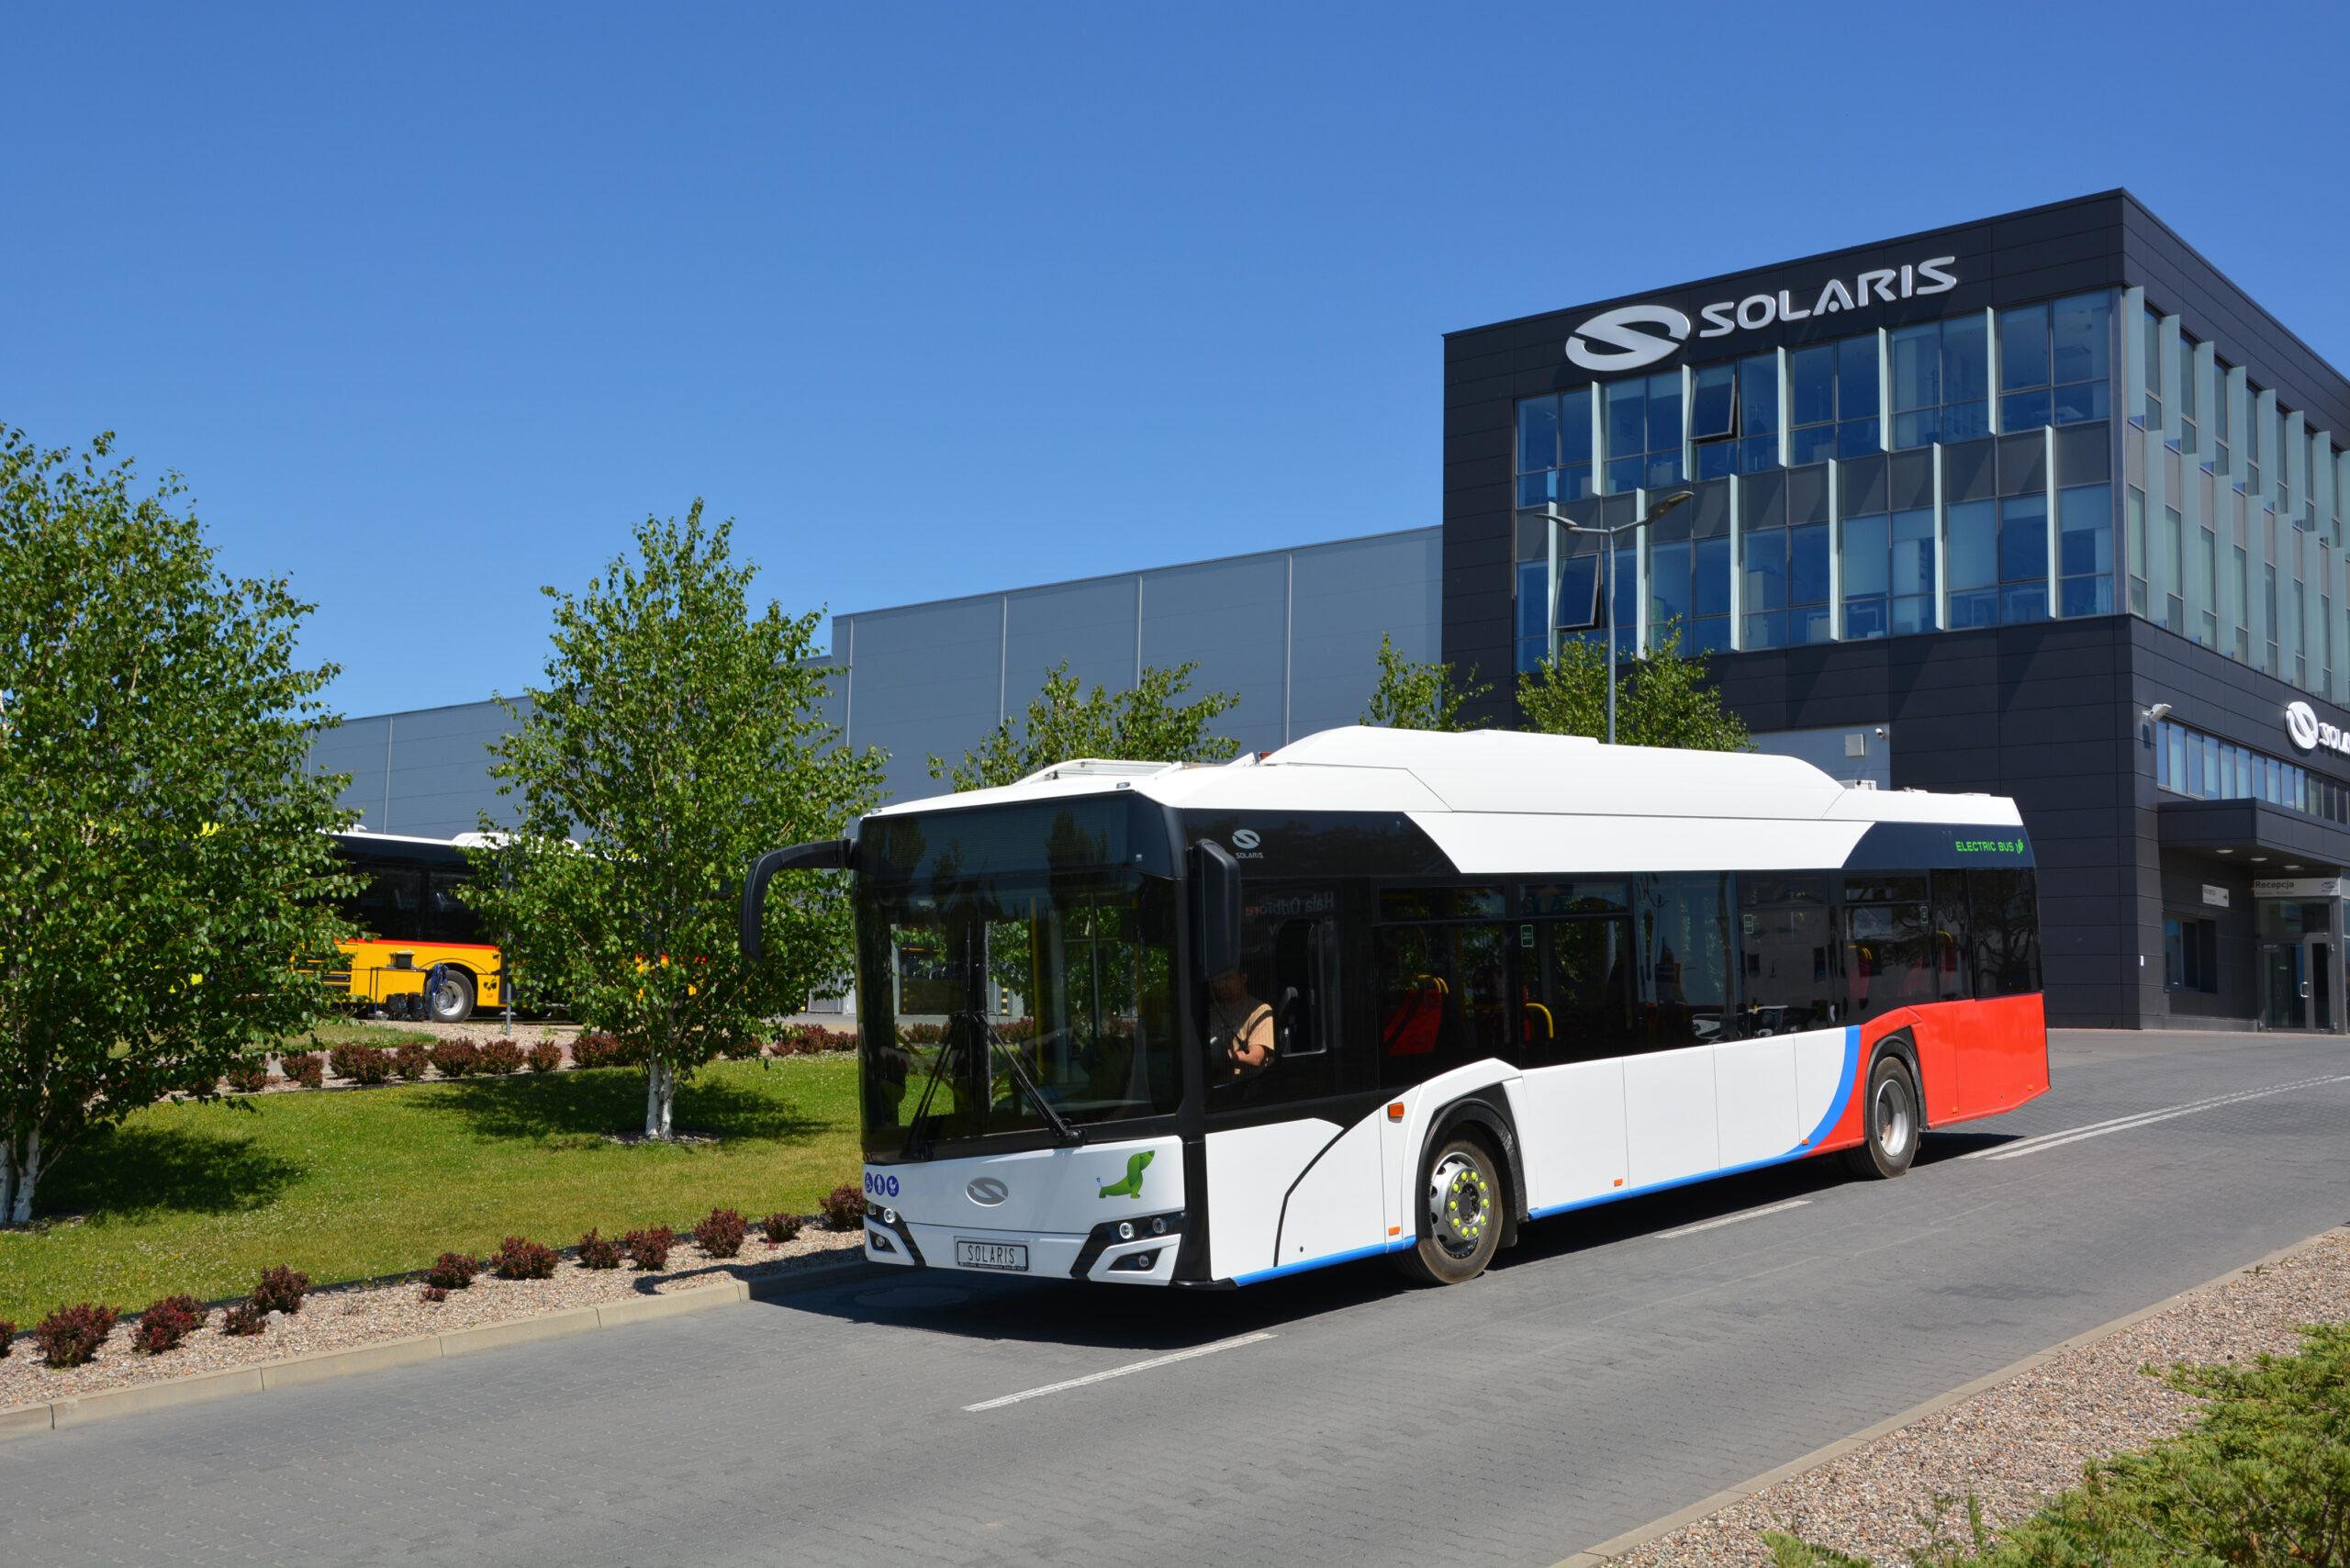 solaris buses malbork